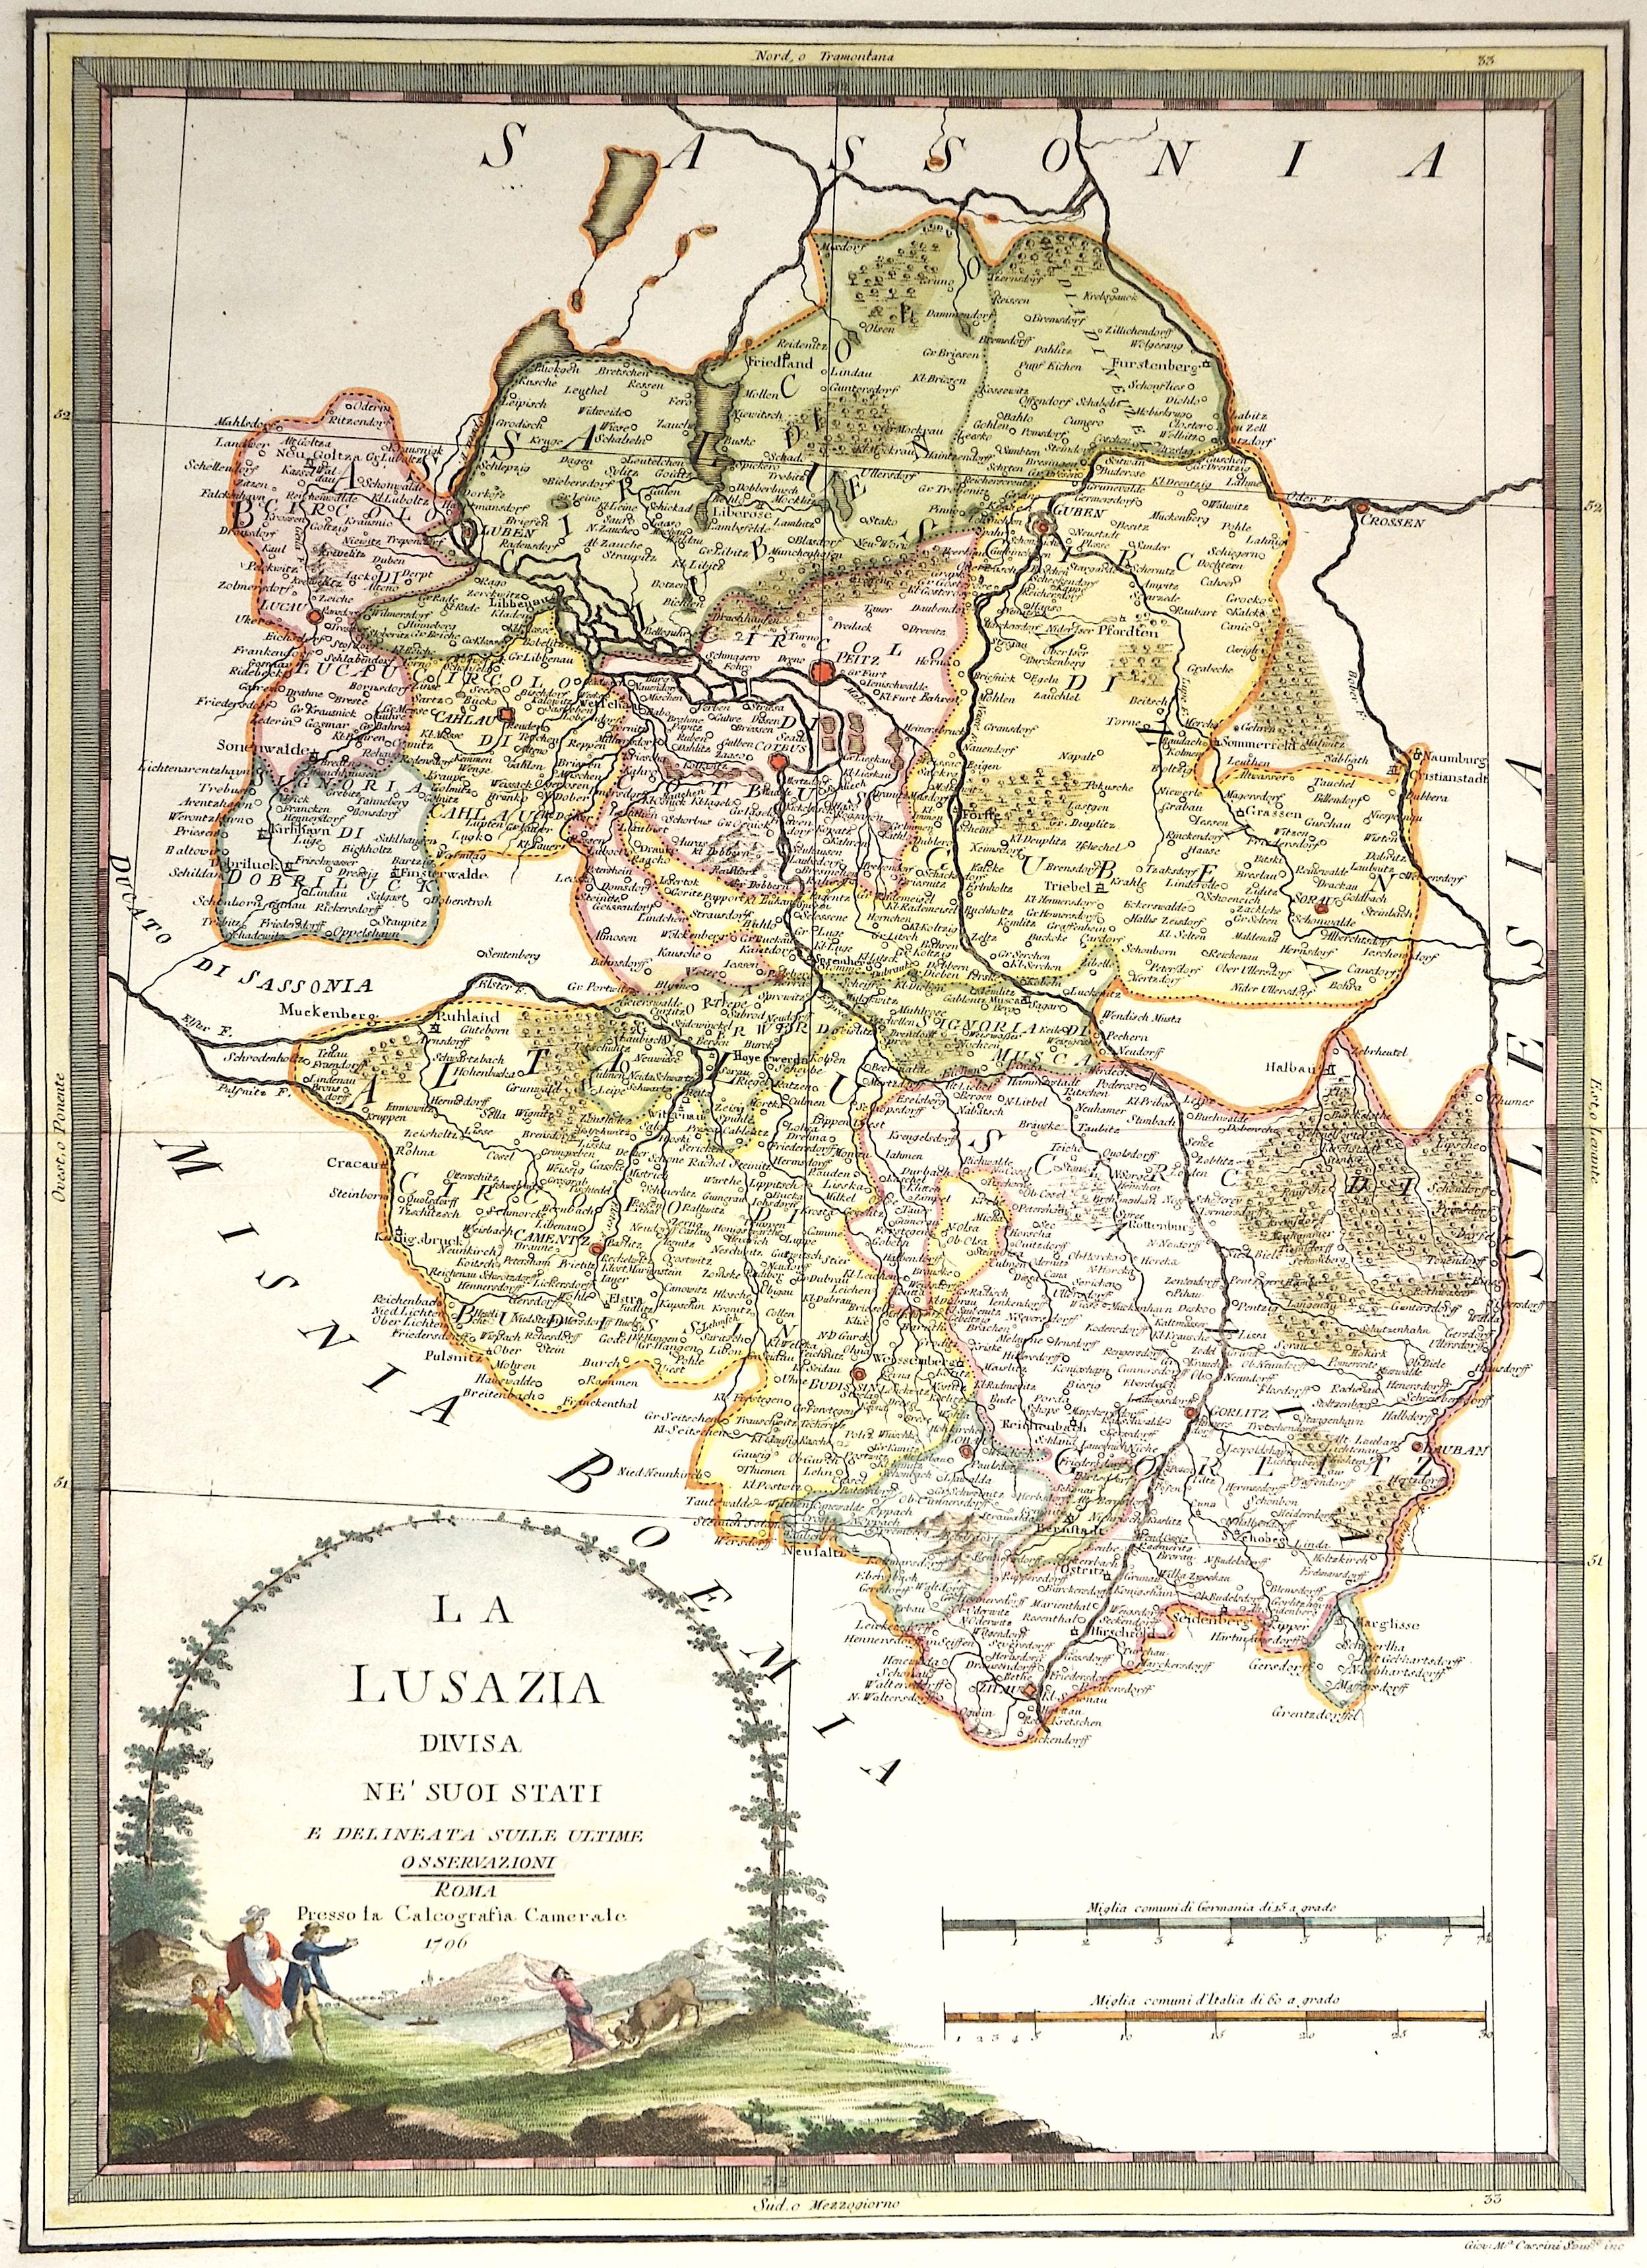 Cassini Giovanni Maria La Lusazia divisa ne' suoi stati e delineata sulle ultime osservazioni